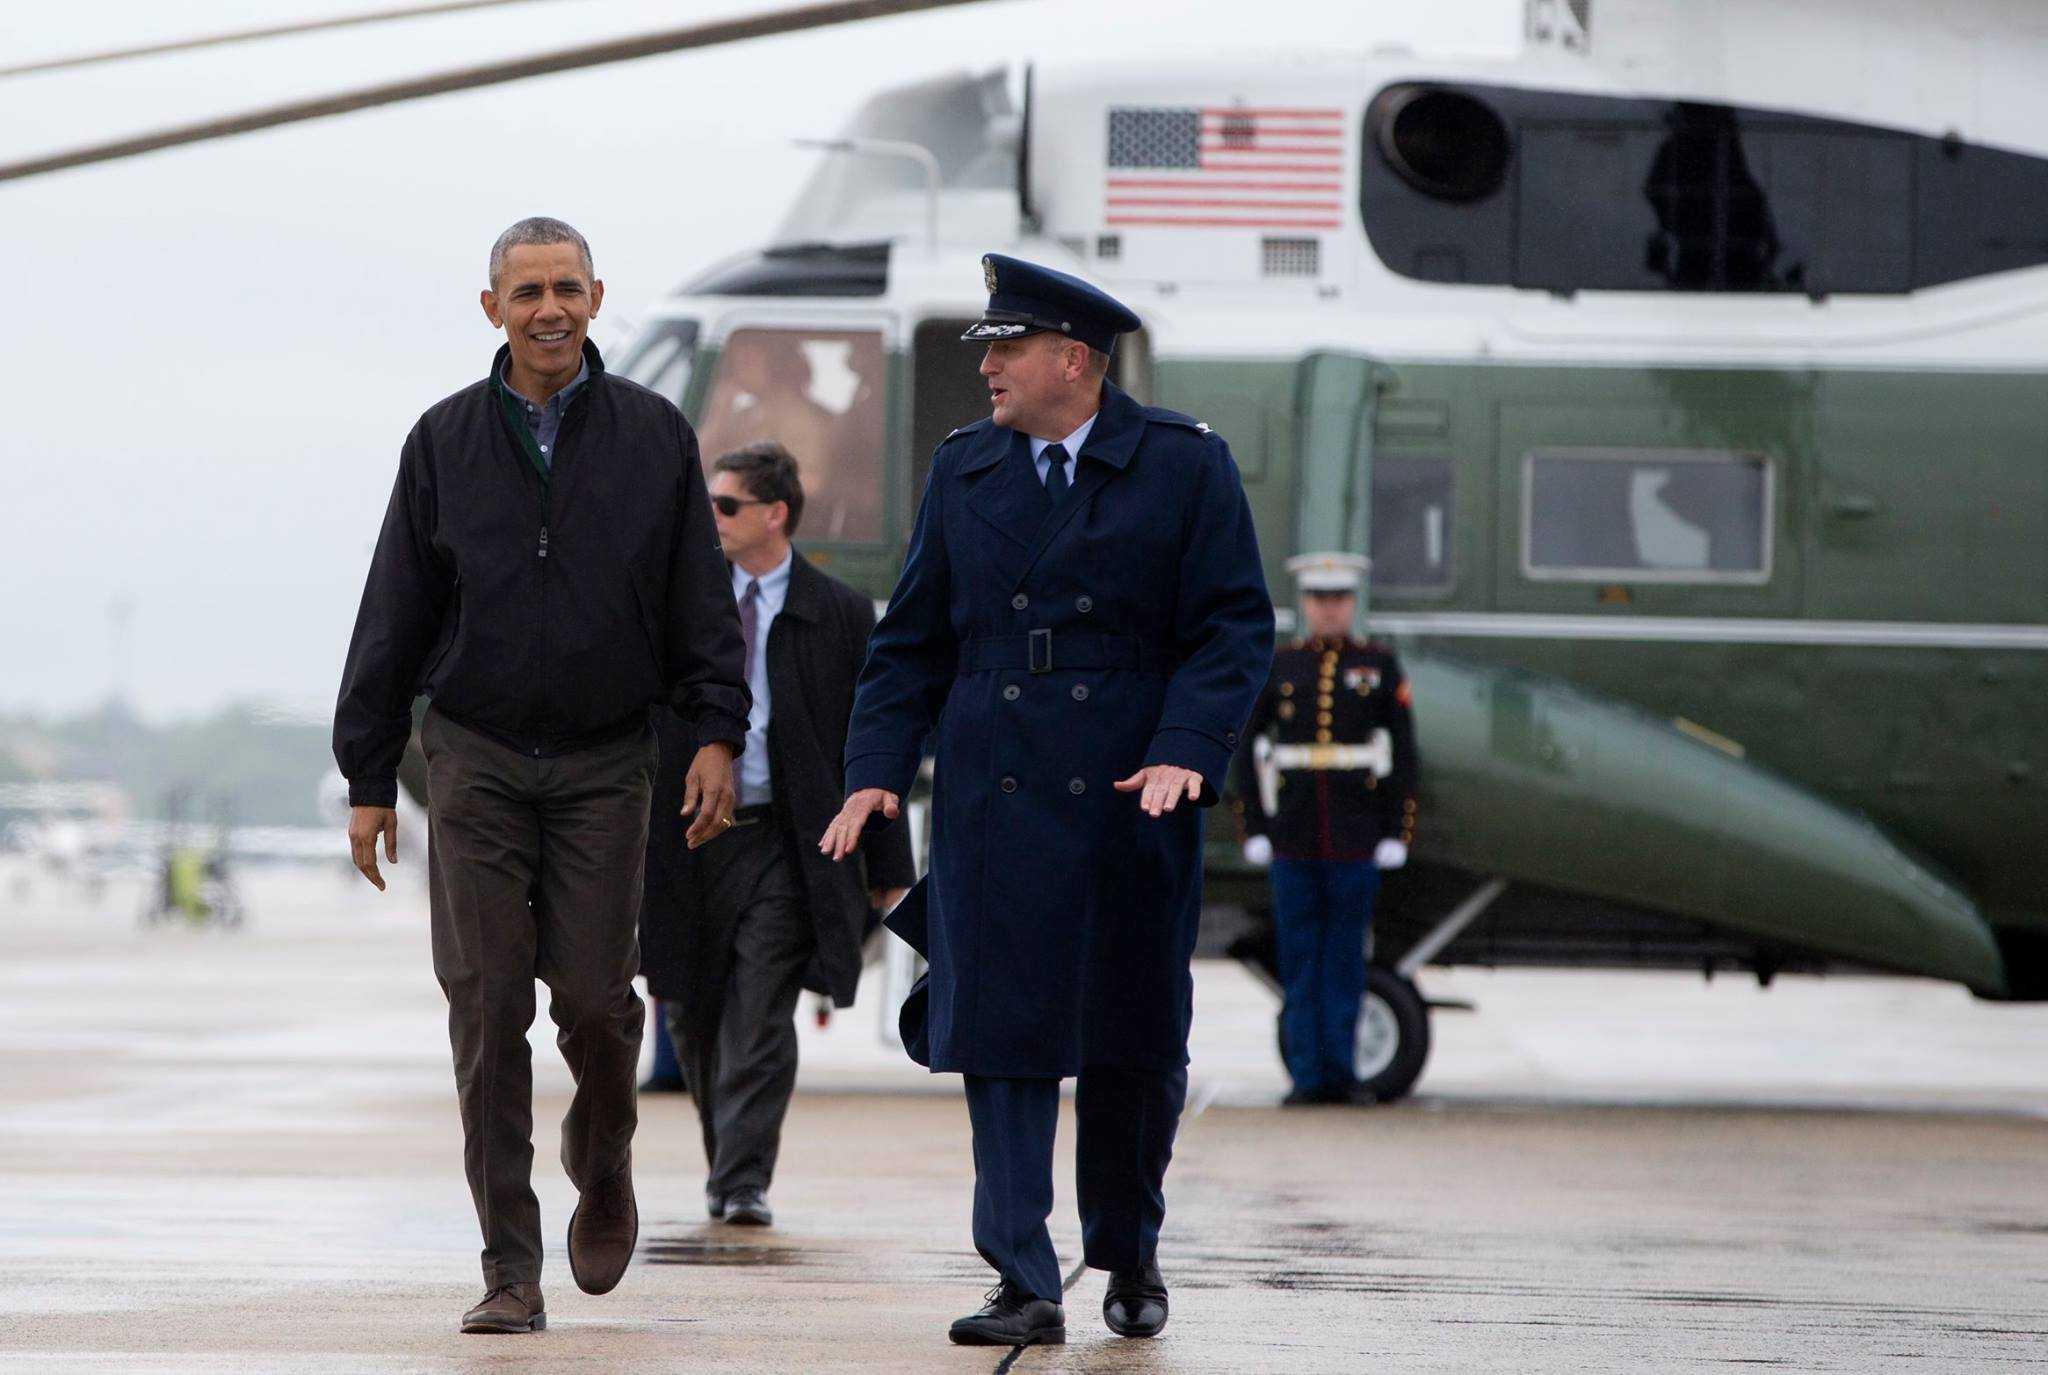 Tổng thống Obama đi từ chiếc trực thăng Marine One tới chiếc chuyên cơ Air Force One tại Căn cứ Không quân Andrews